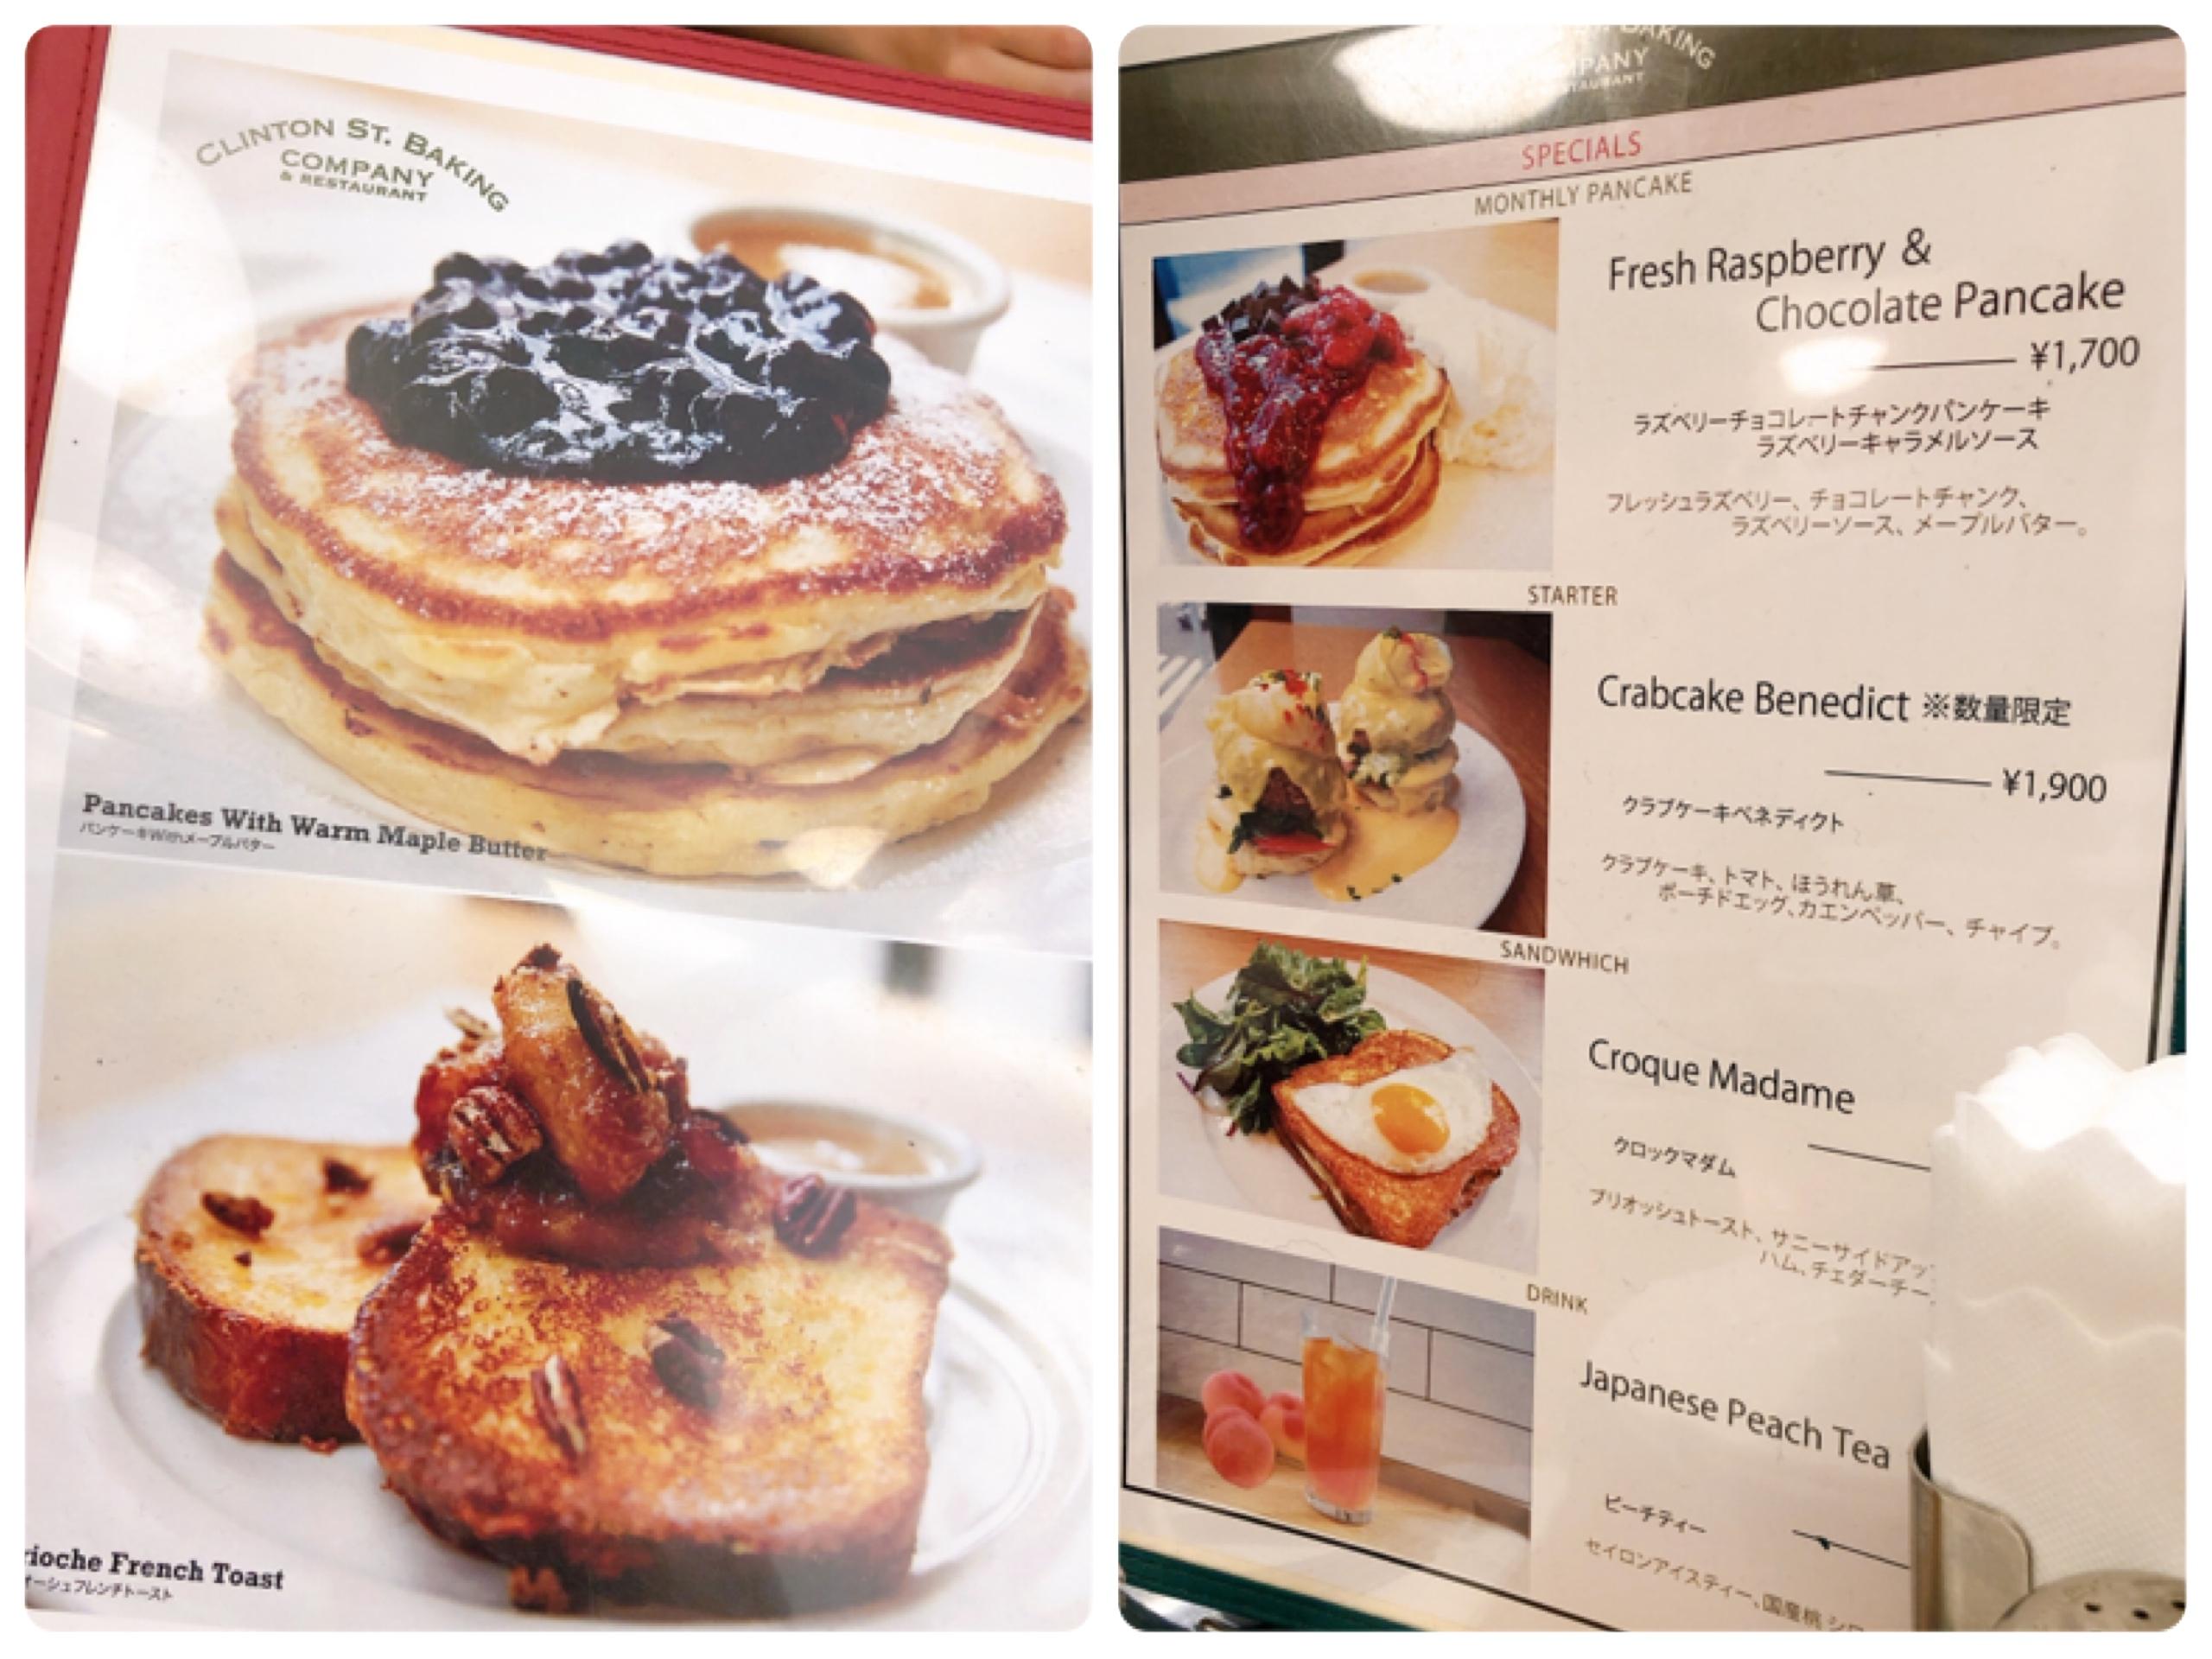 【表参道】NYで大人気のパンケーキを東京 南青山で♩CLINTON ST. BAKING COMPANY_5